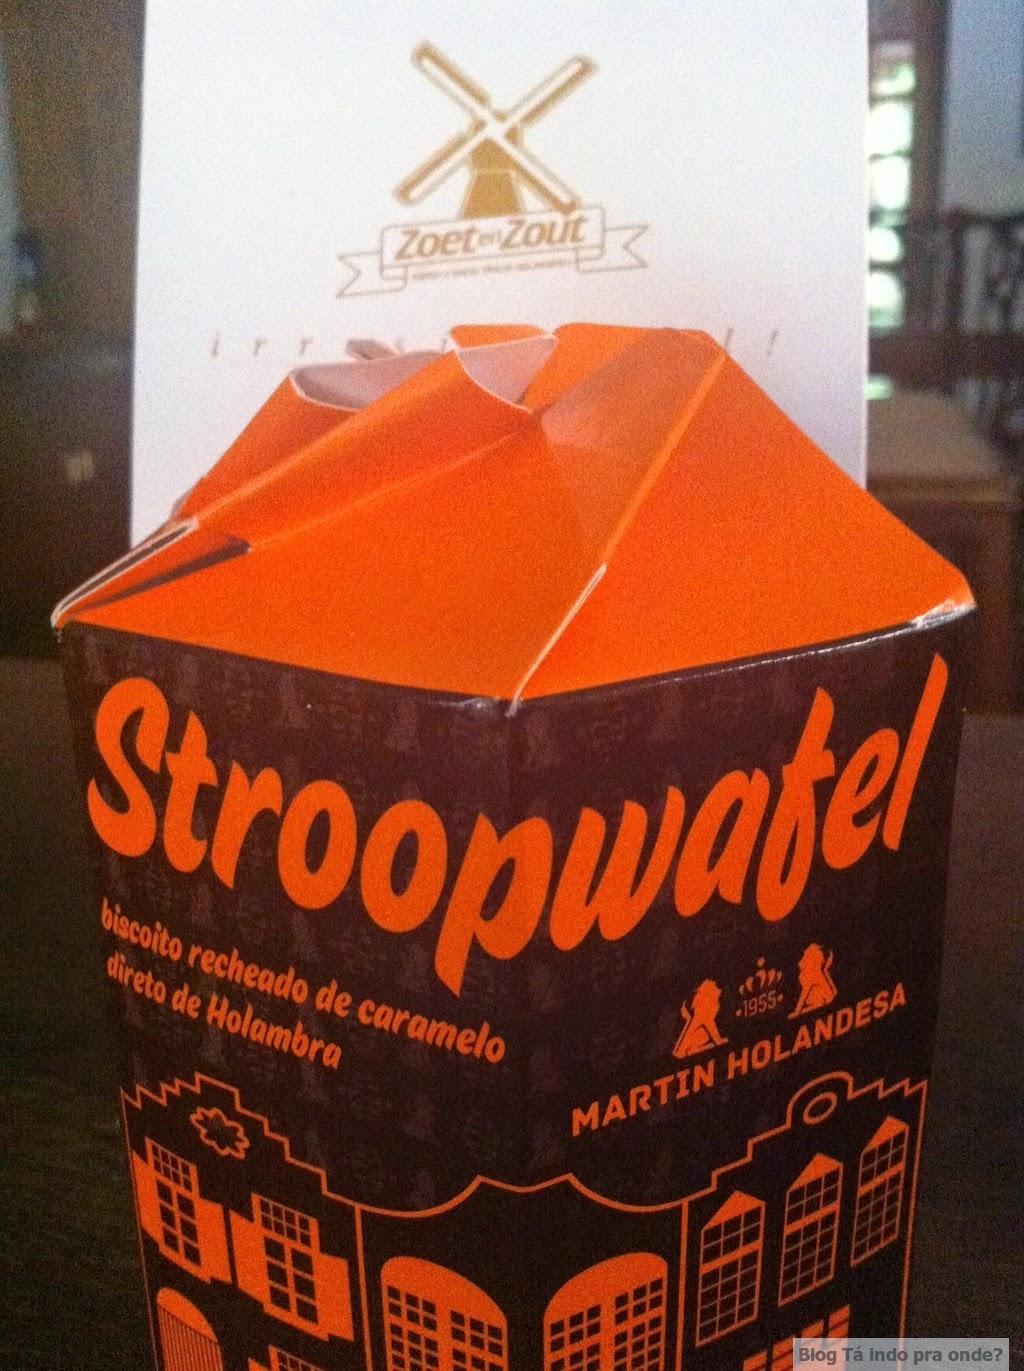 comparando os stroopwafels de Holambra